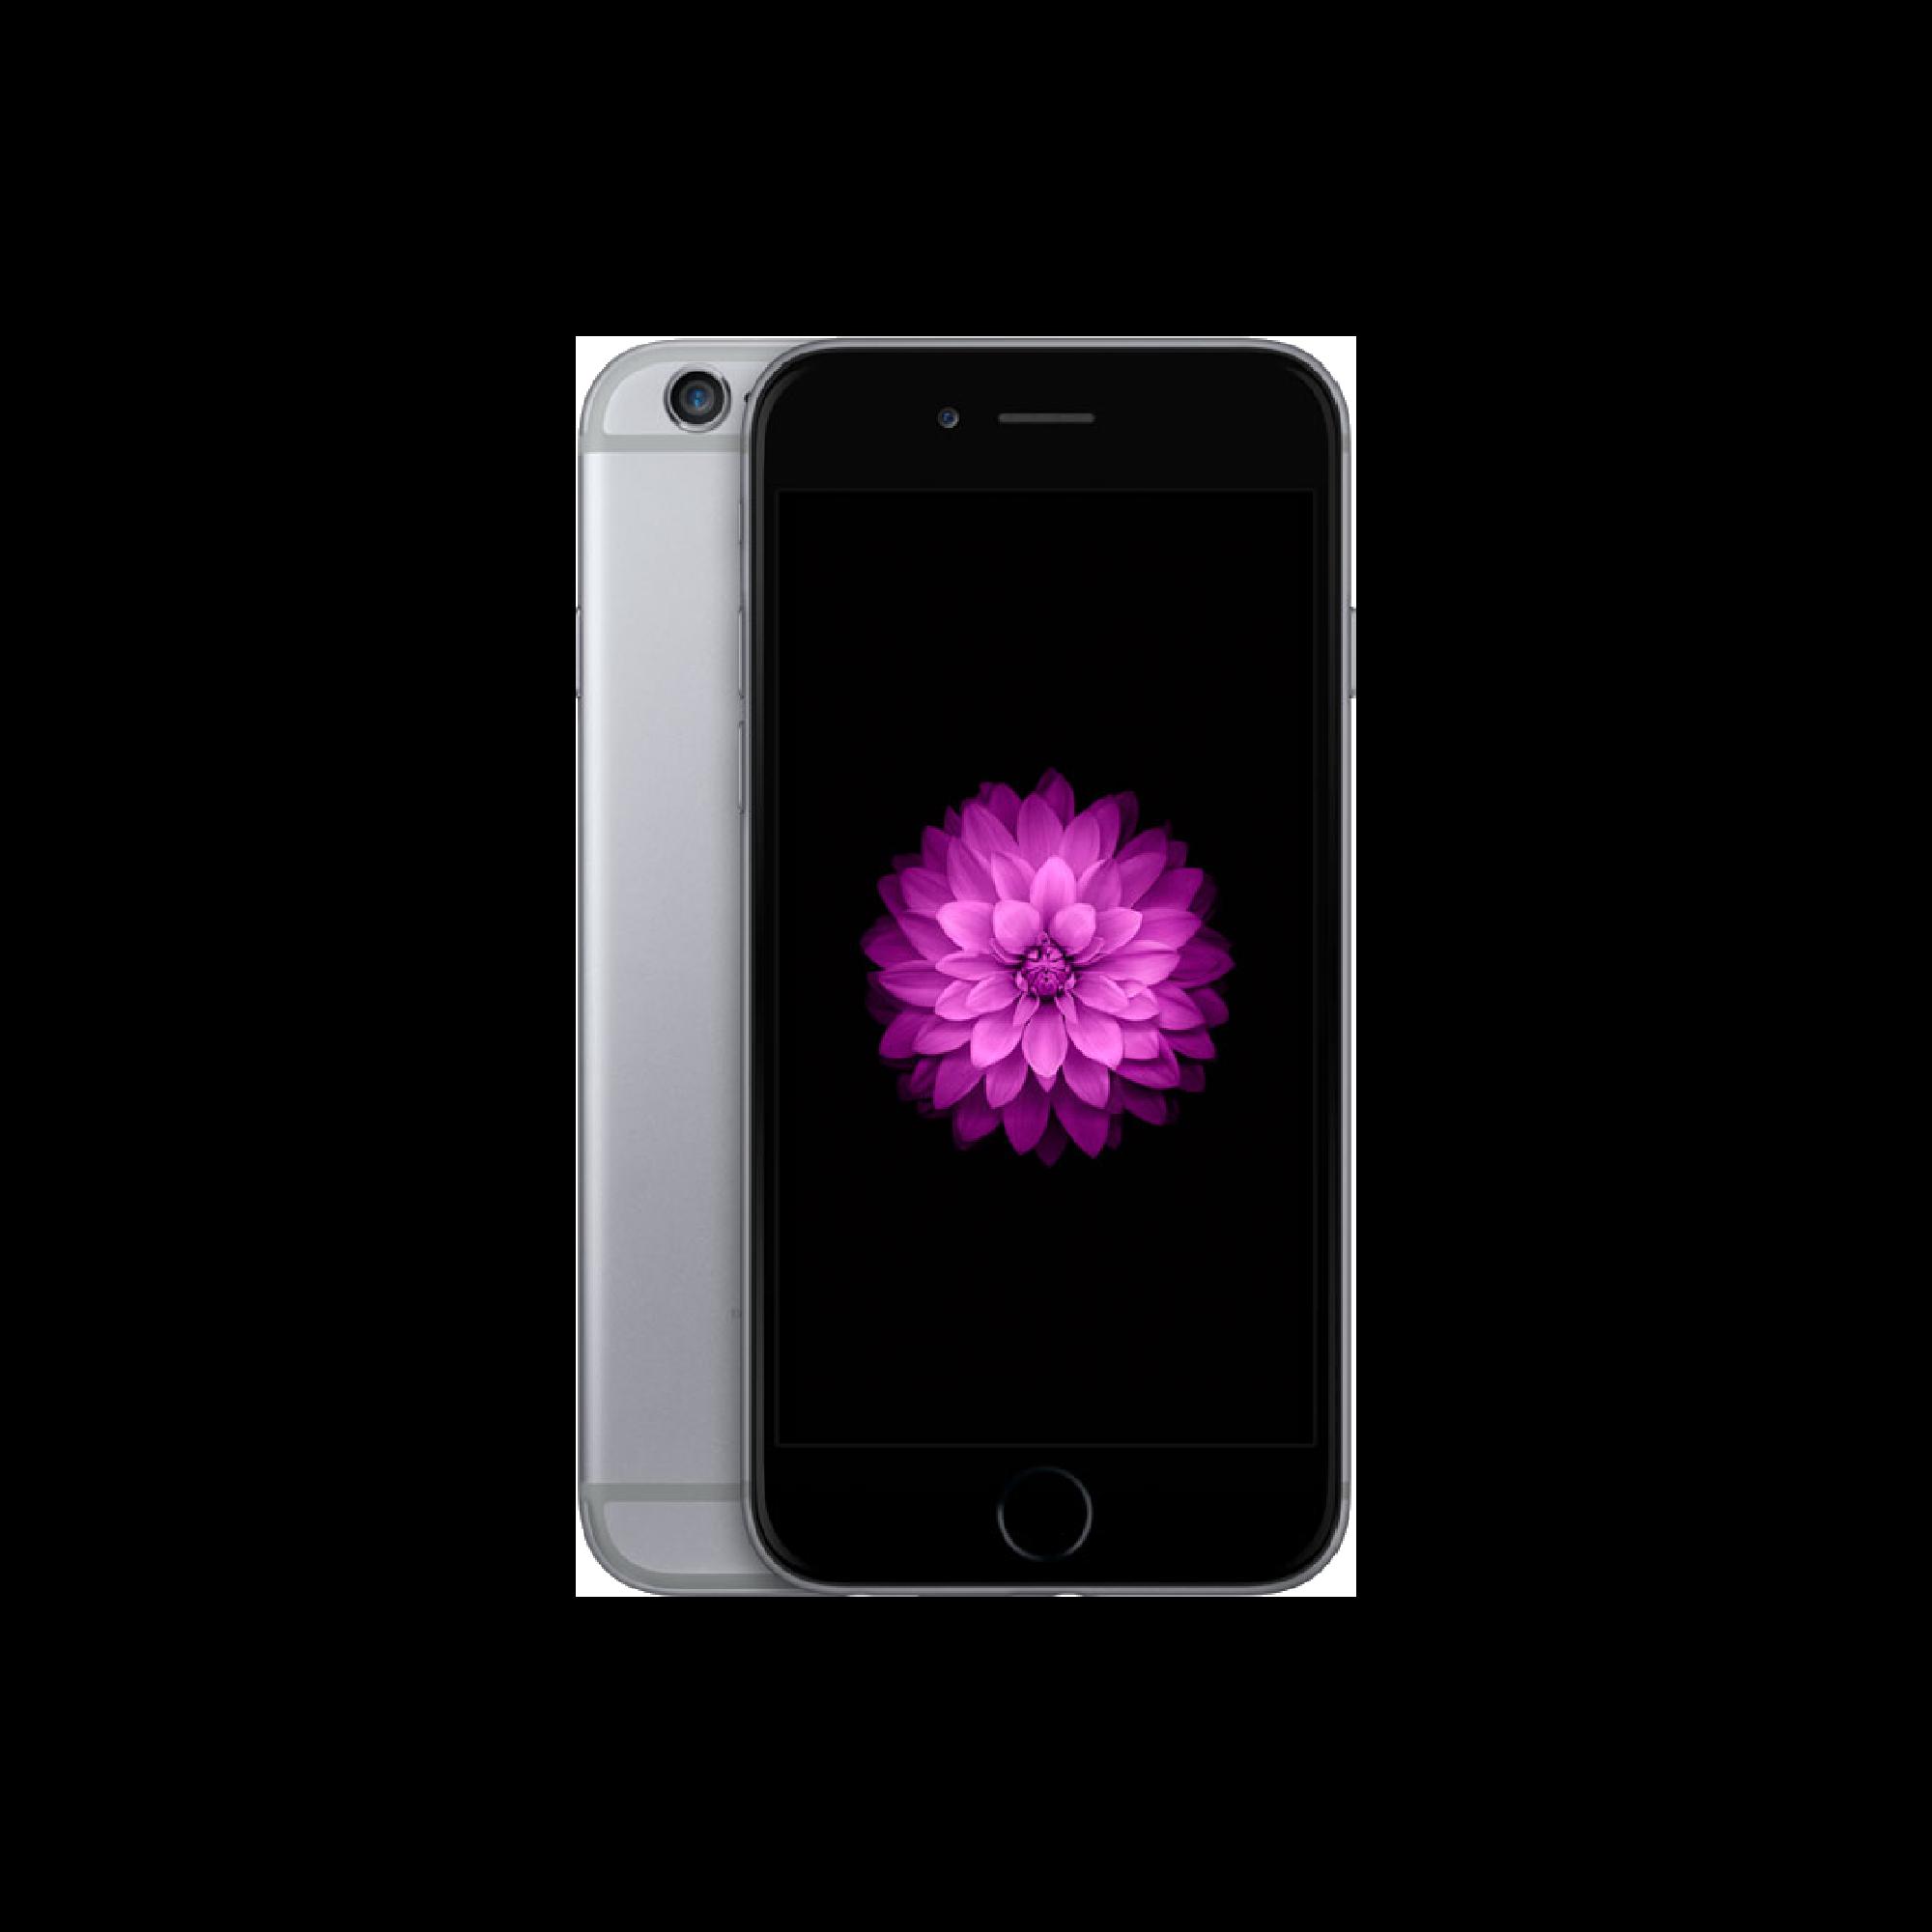 iPhone 6 | $75 + tax